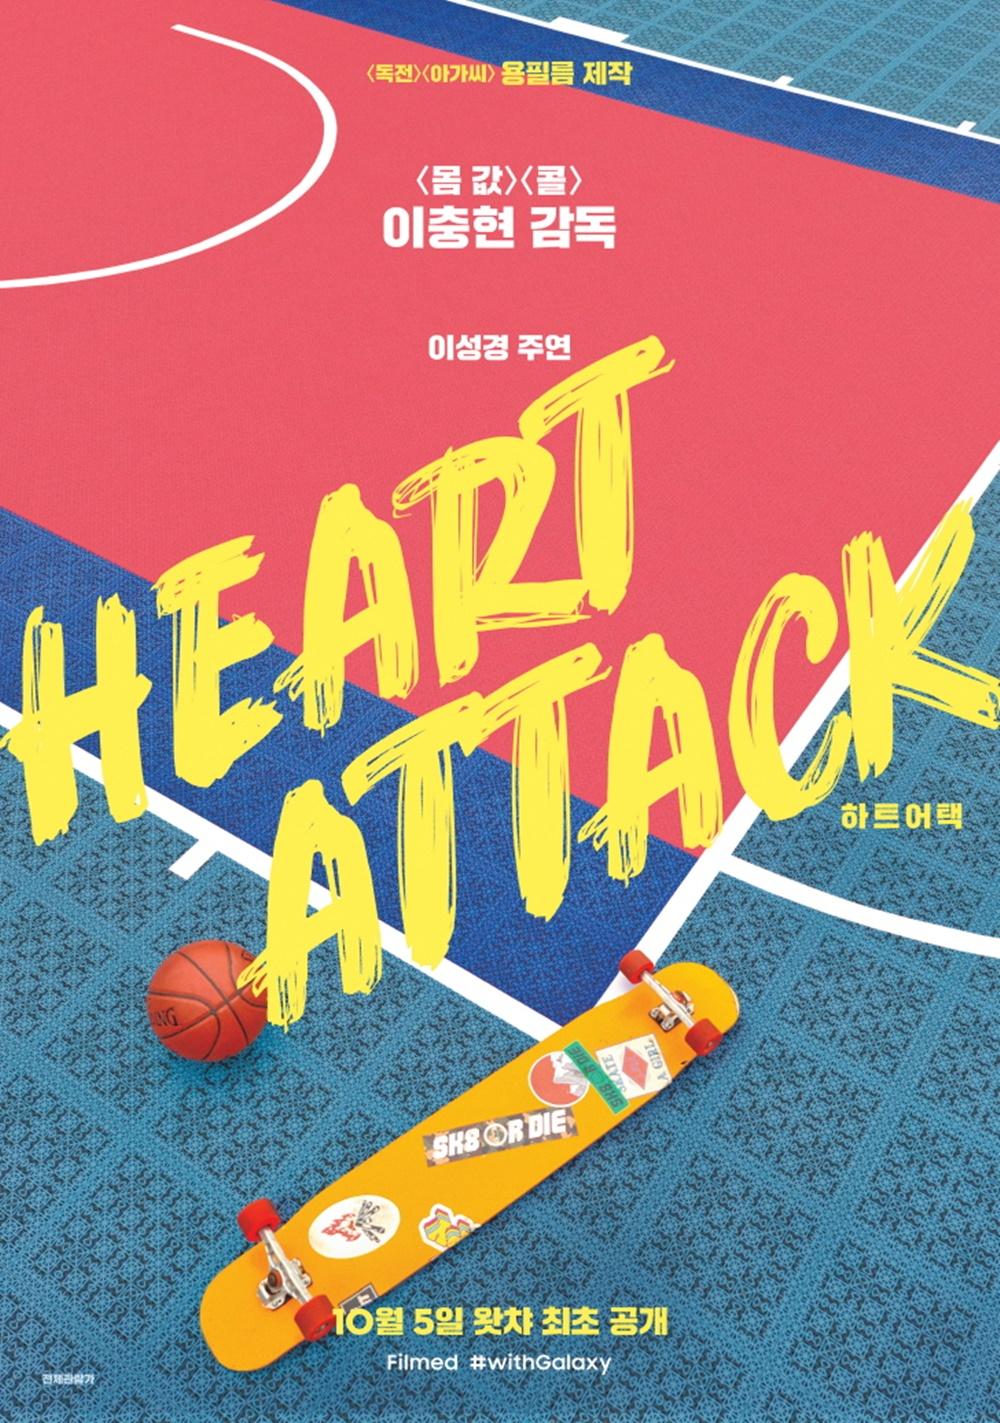 ▲ 삼성 '갤럭시 S20'로 촬영한 단편영화 《하트 어택(Heart Attack)》 포스터